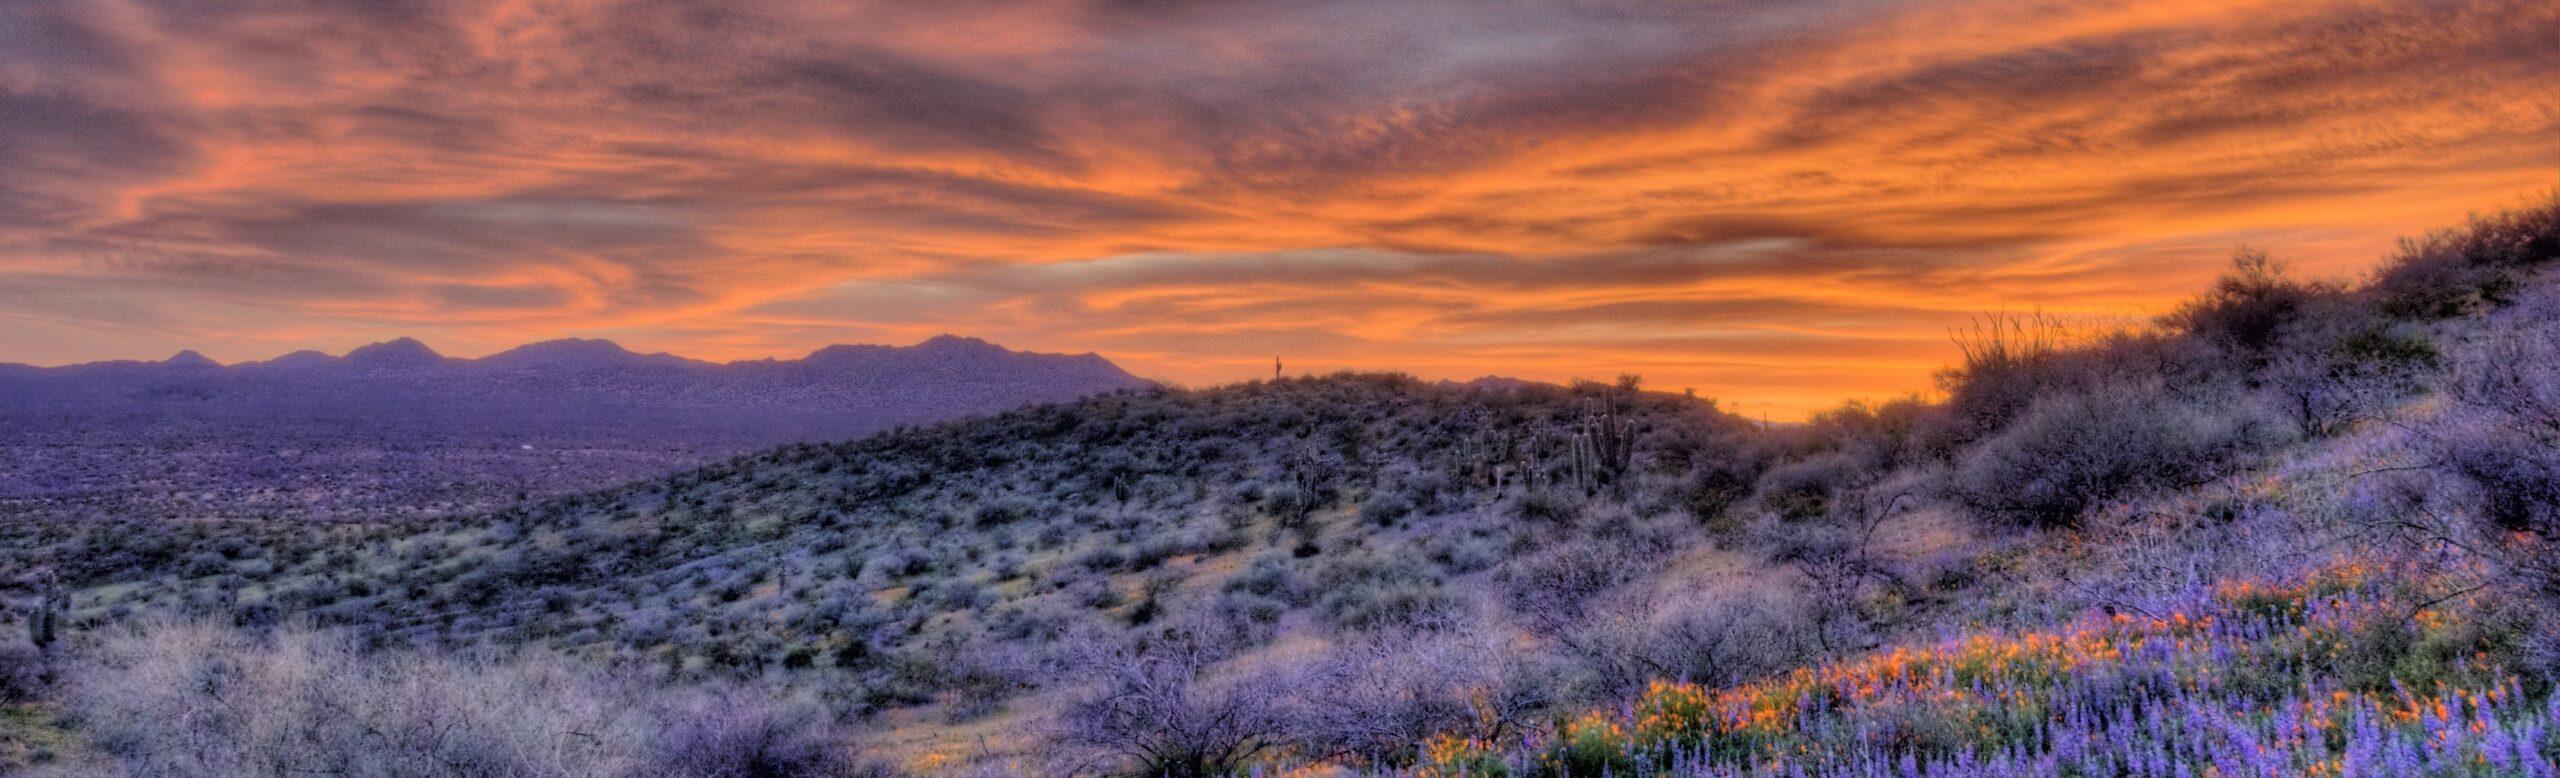 Siera Vista, AZ